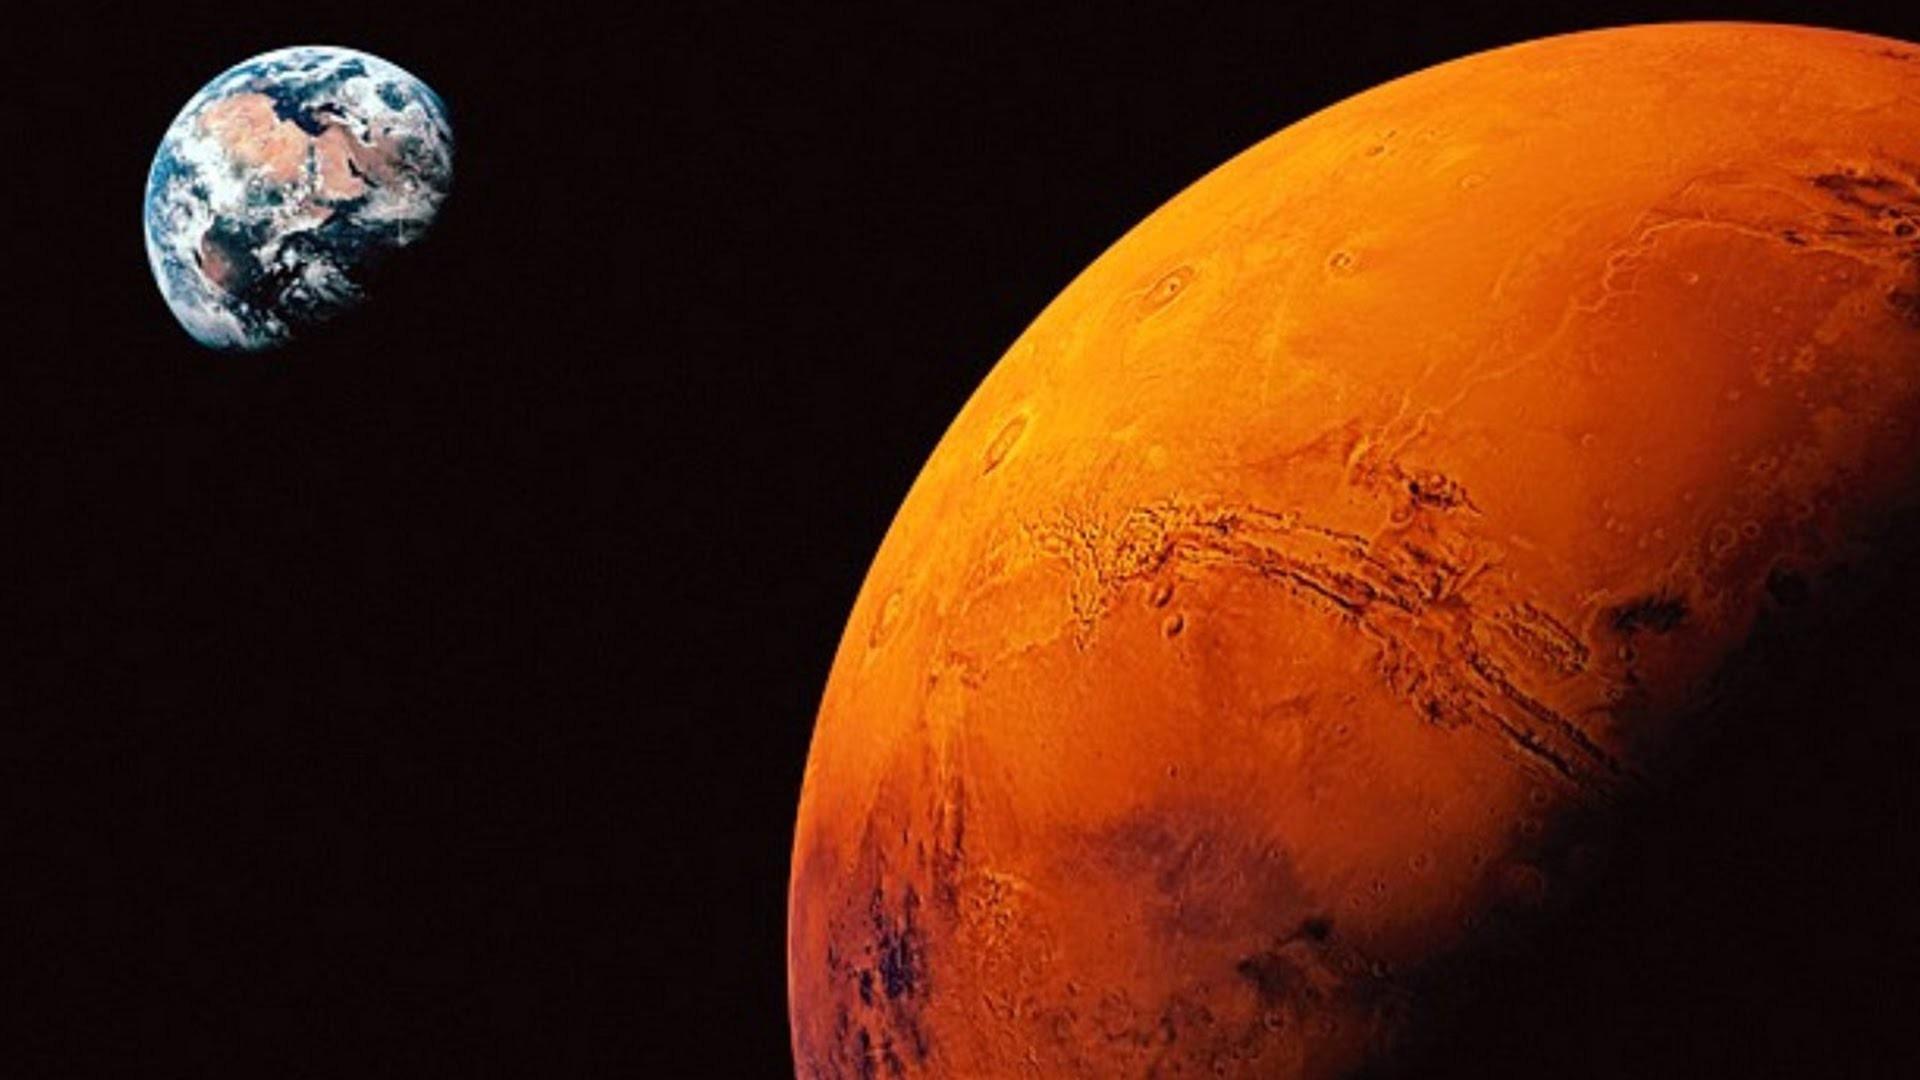 Марс оказался планетой миллиона «пылевых дьяволов», заявляют ученые